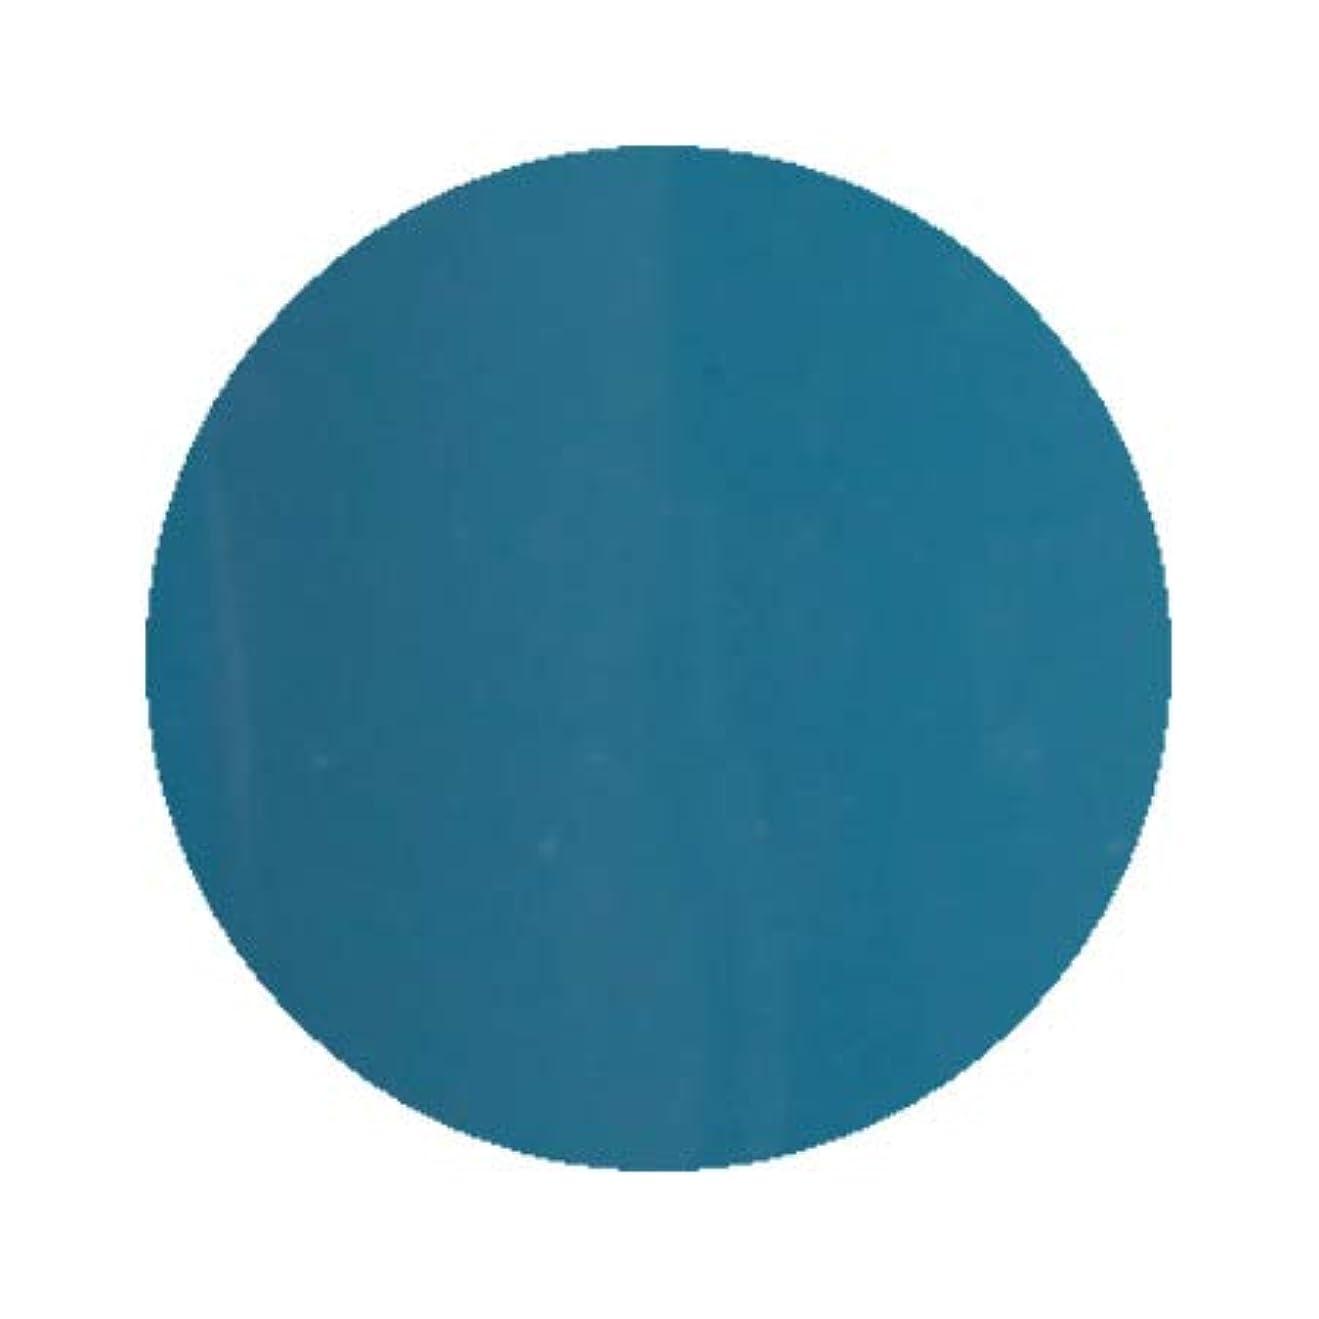 気味の悪い出力マーティンルーサーキングジュニアInity アイニティ ハイエンドカラー BL-05M ティールブルー 3g